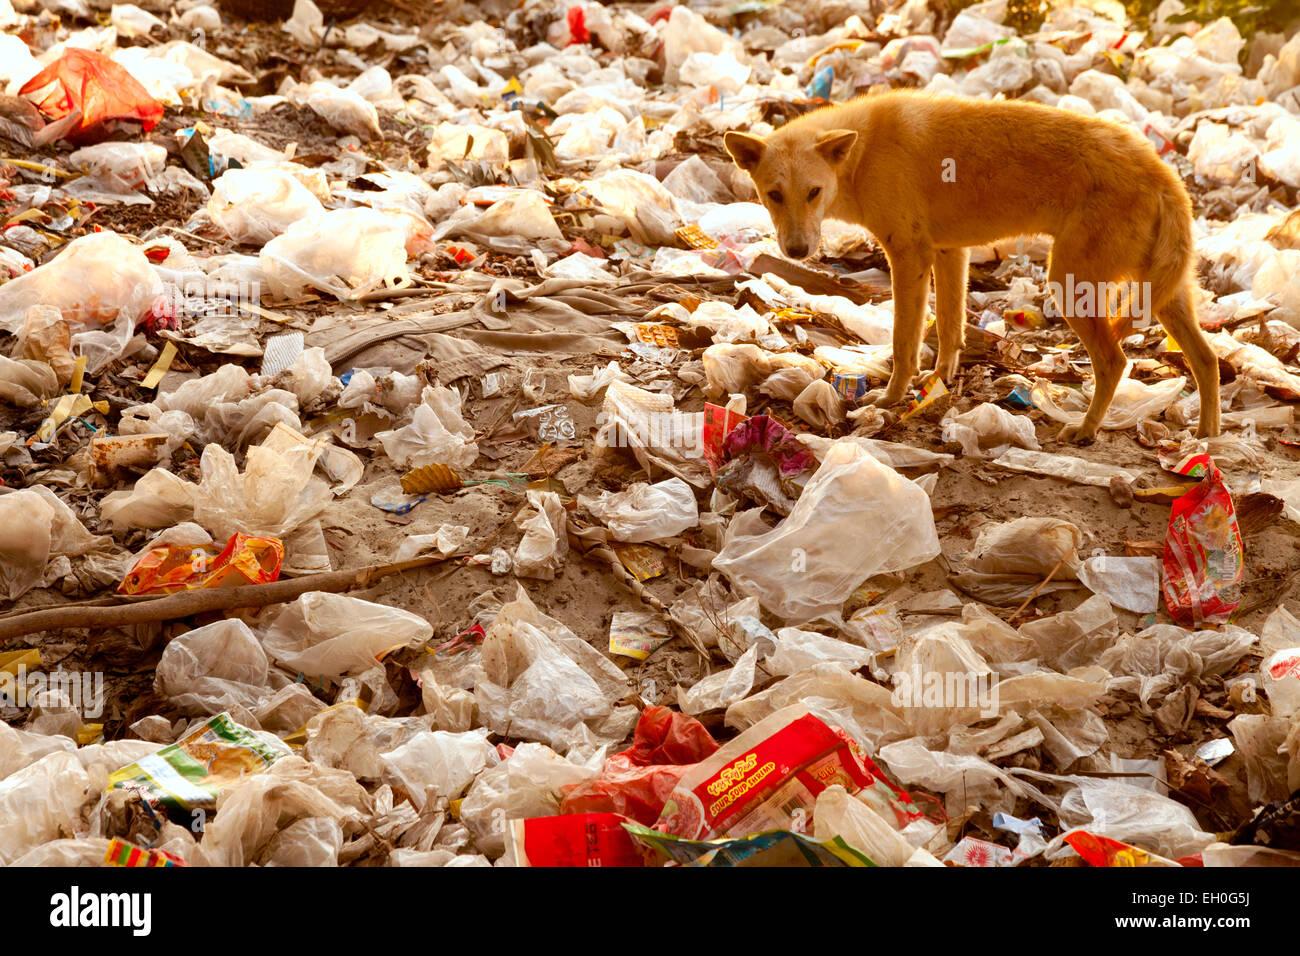 La quête d'un chien sur un tas d'ordures - exemple de la pollution, Mandalay, Myanmar ( Birmanie ), Photo Stock